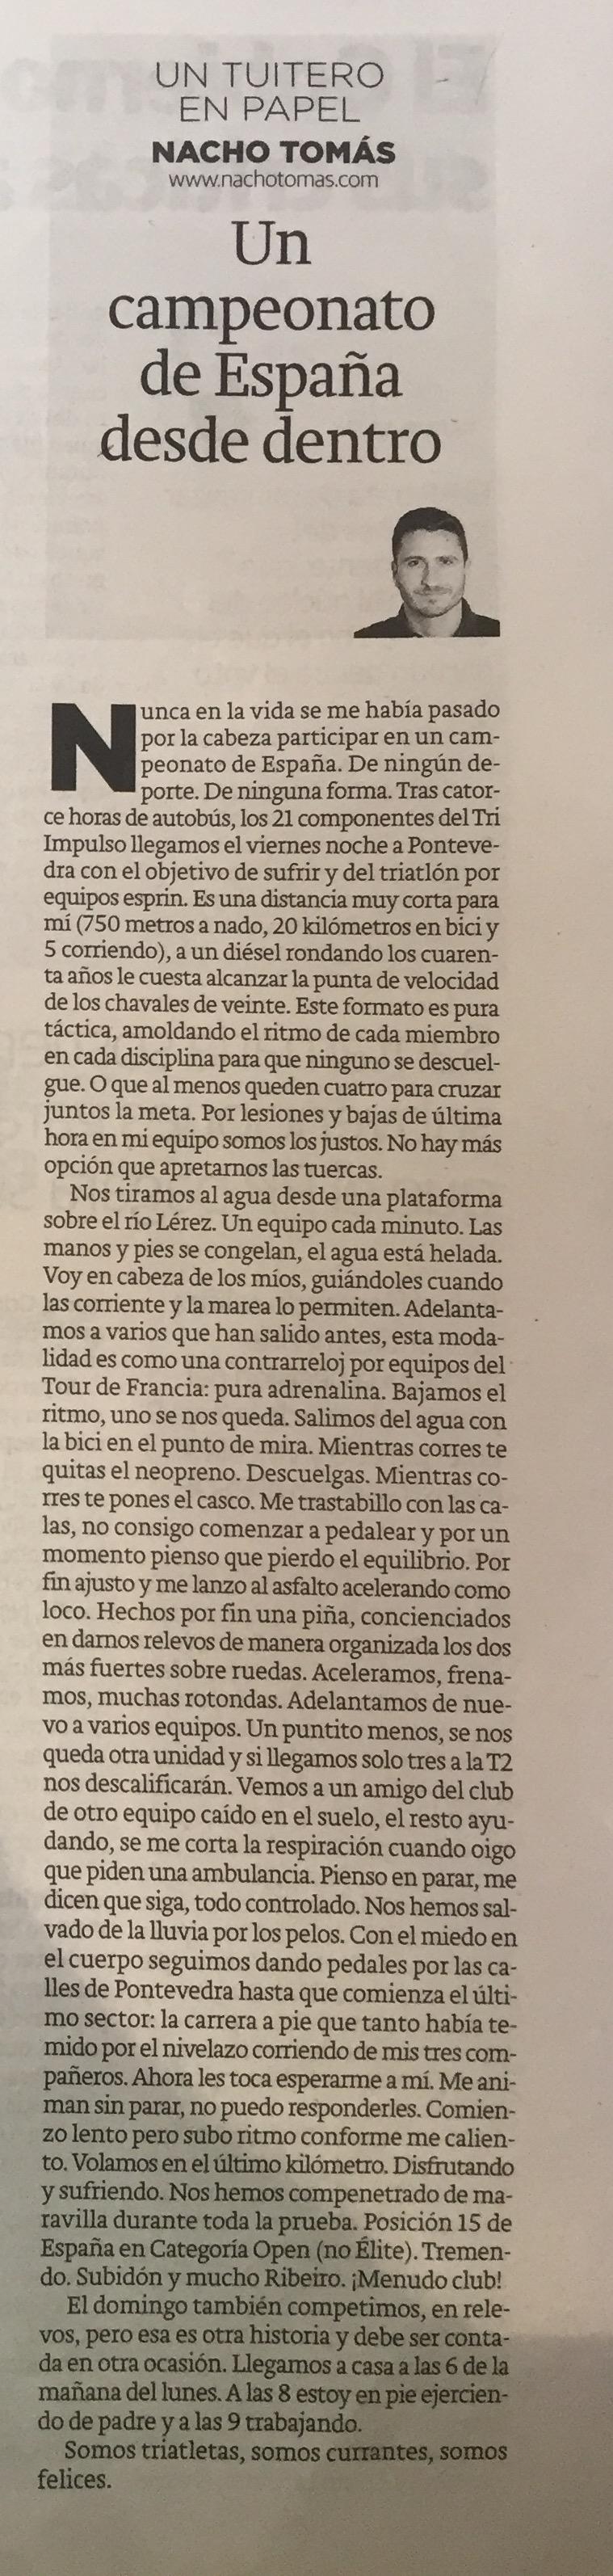 Un Campeonato de España desde dentro.